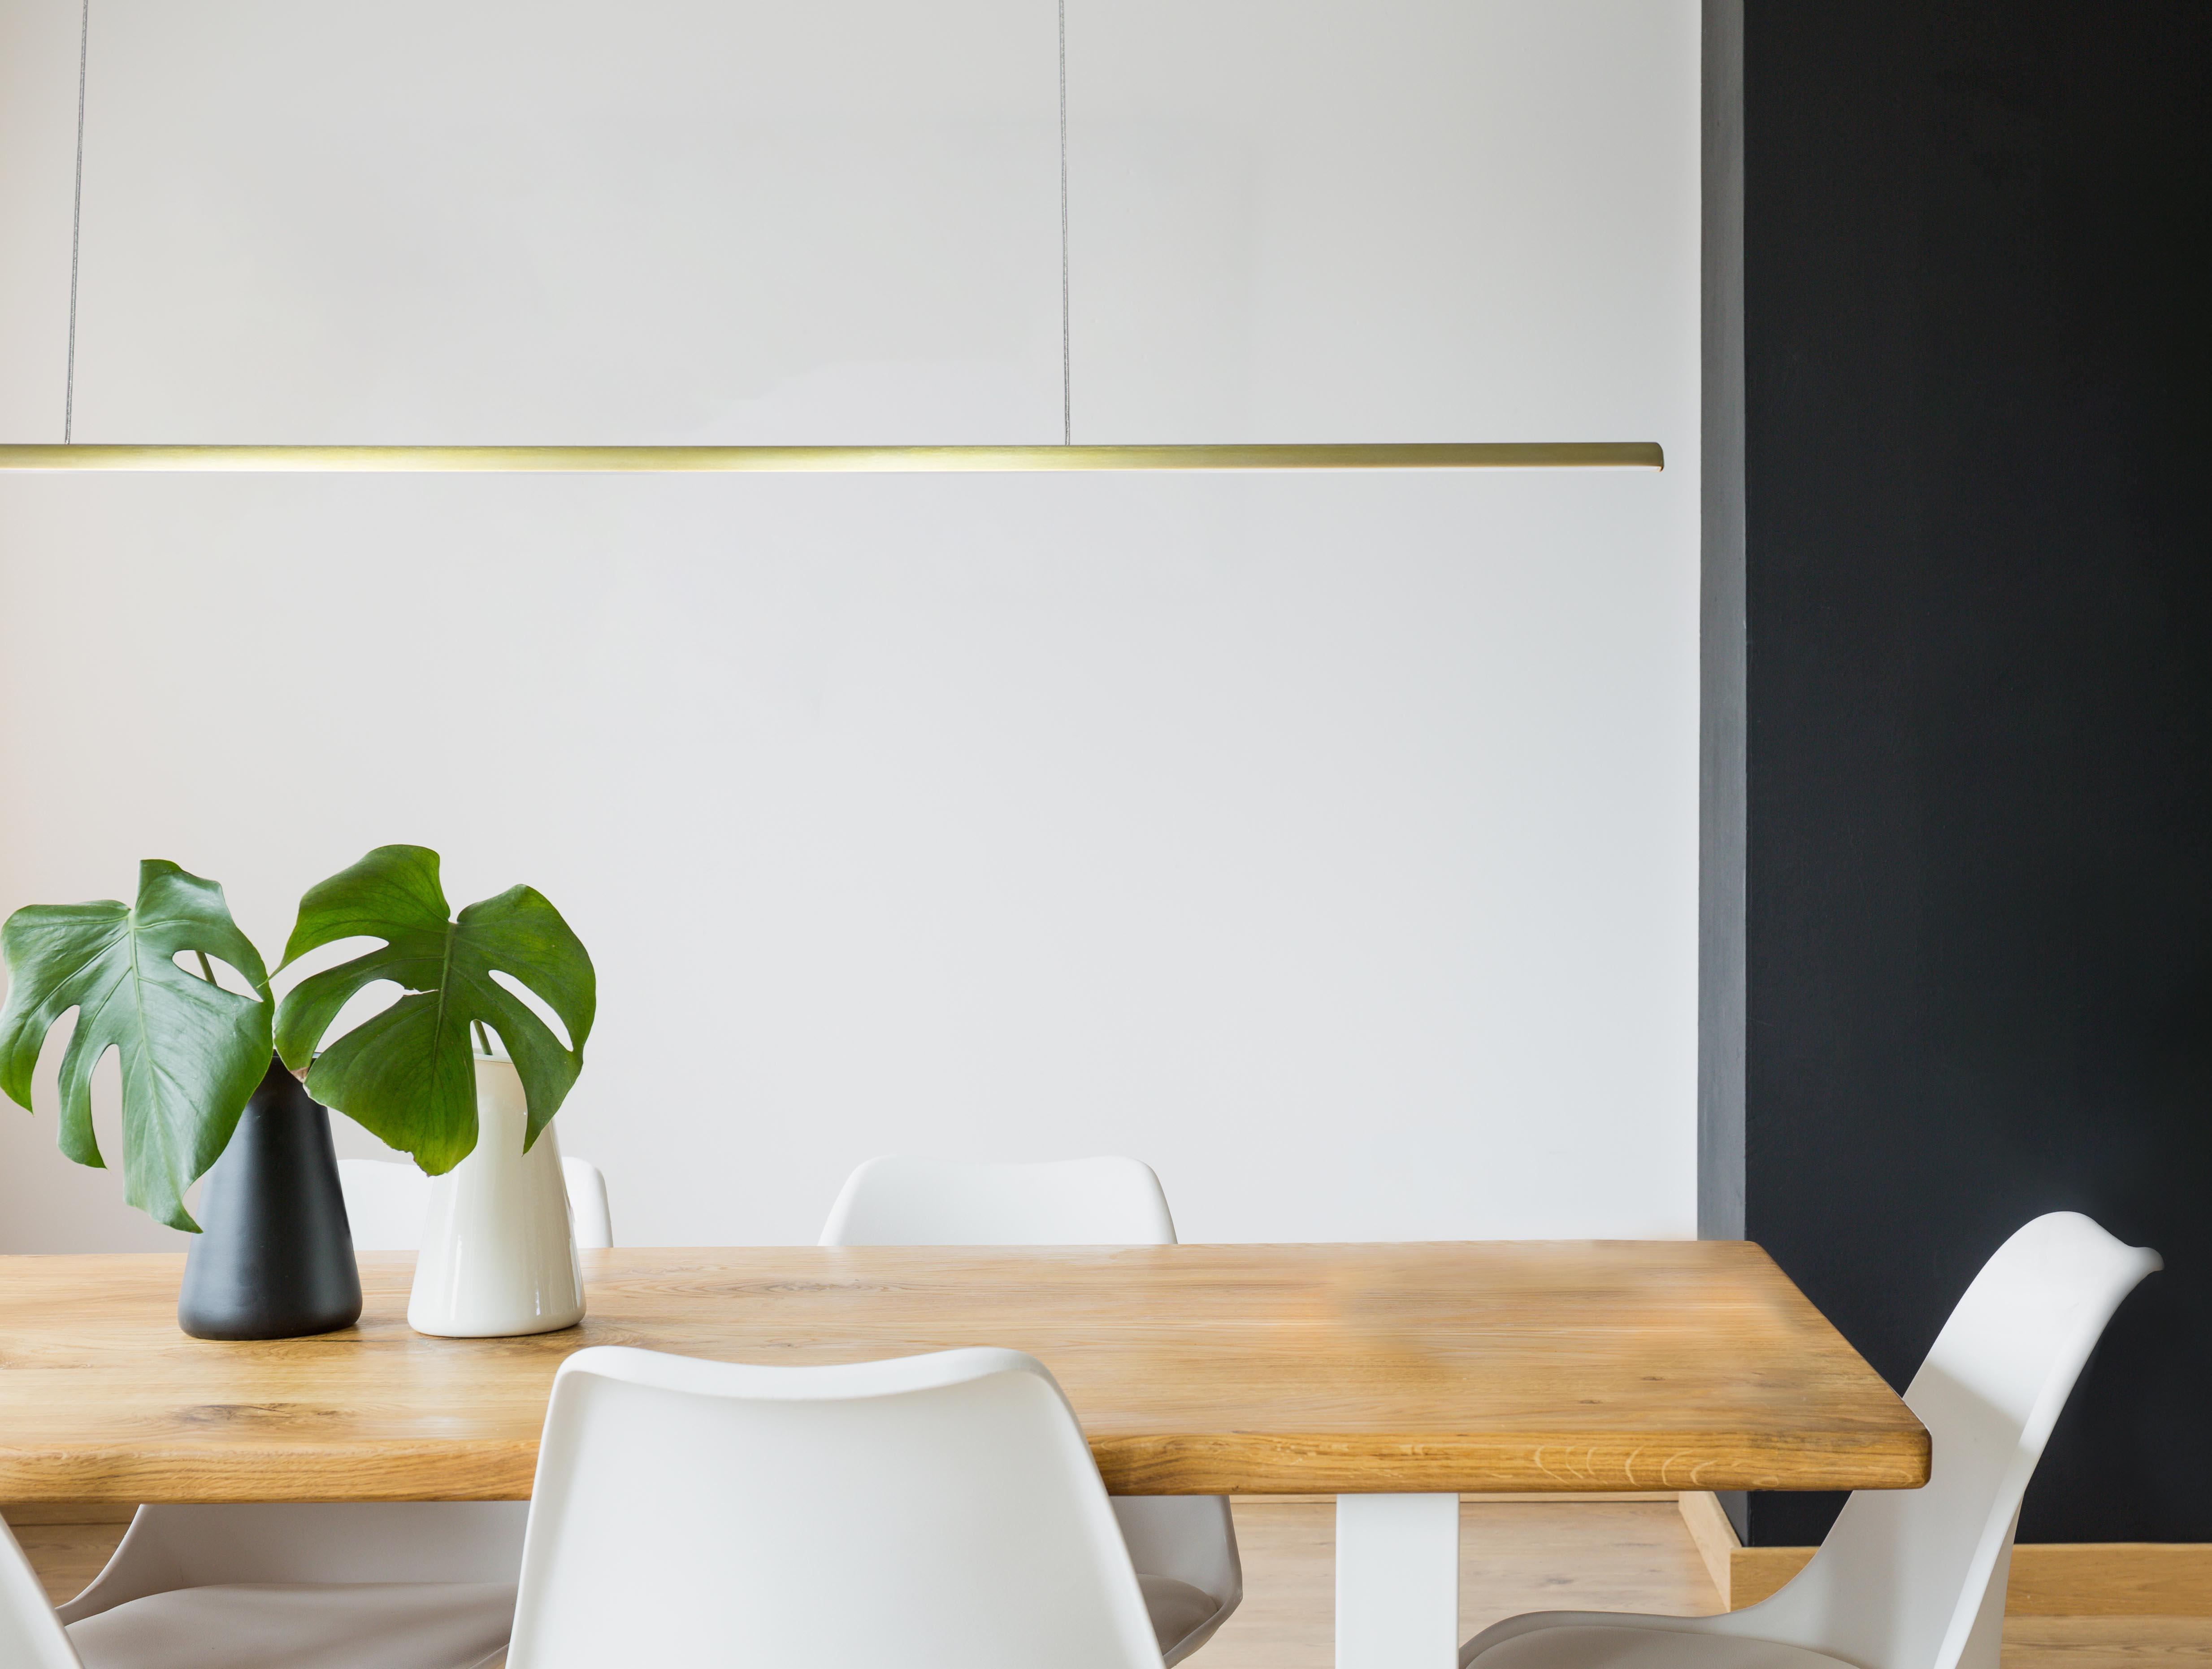 Rae LED slim linear pendant light in office